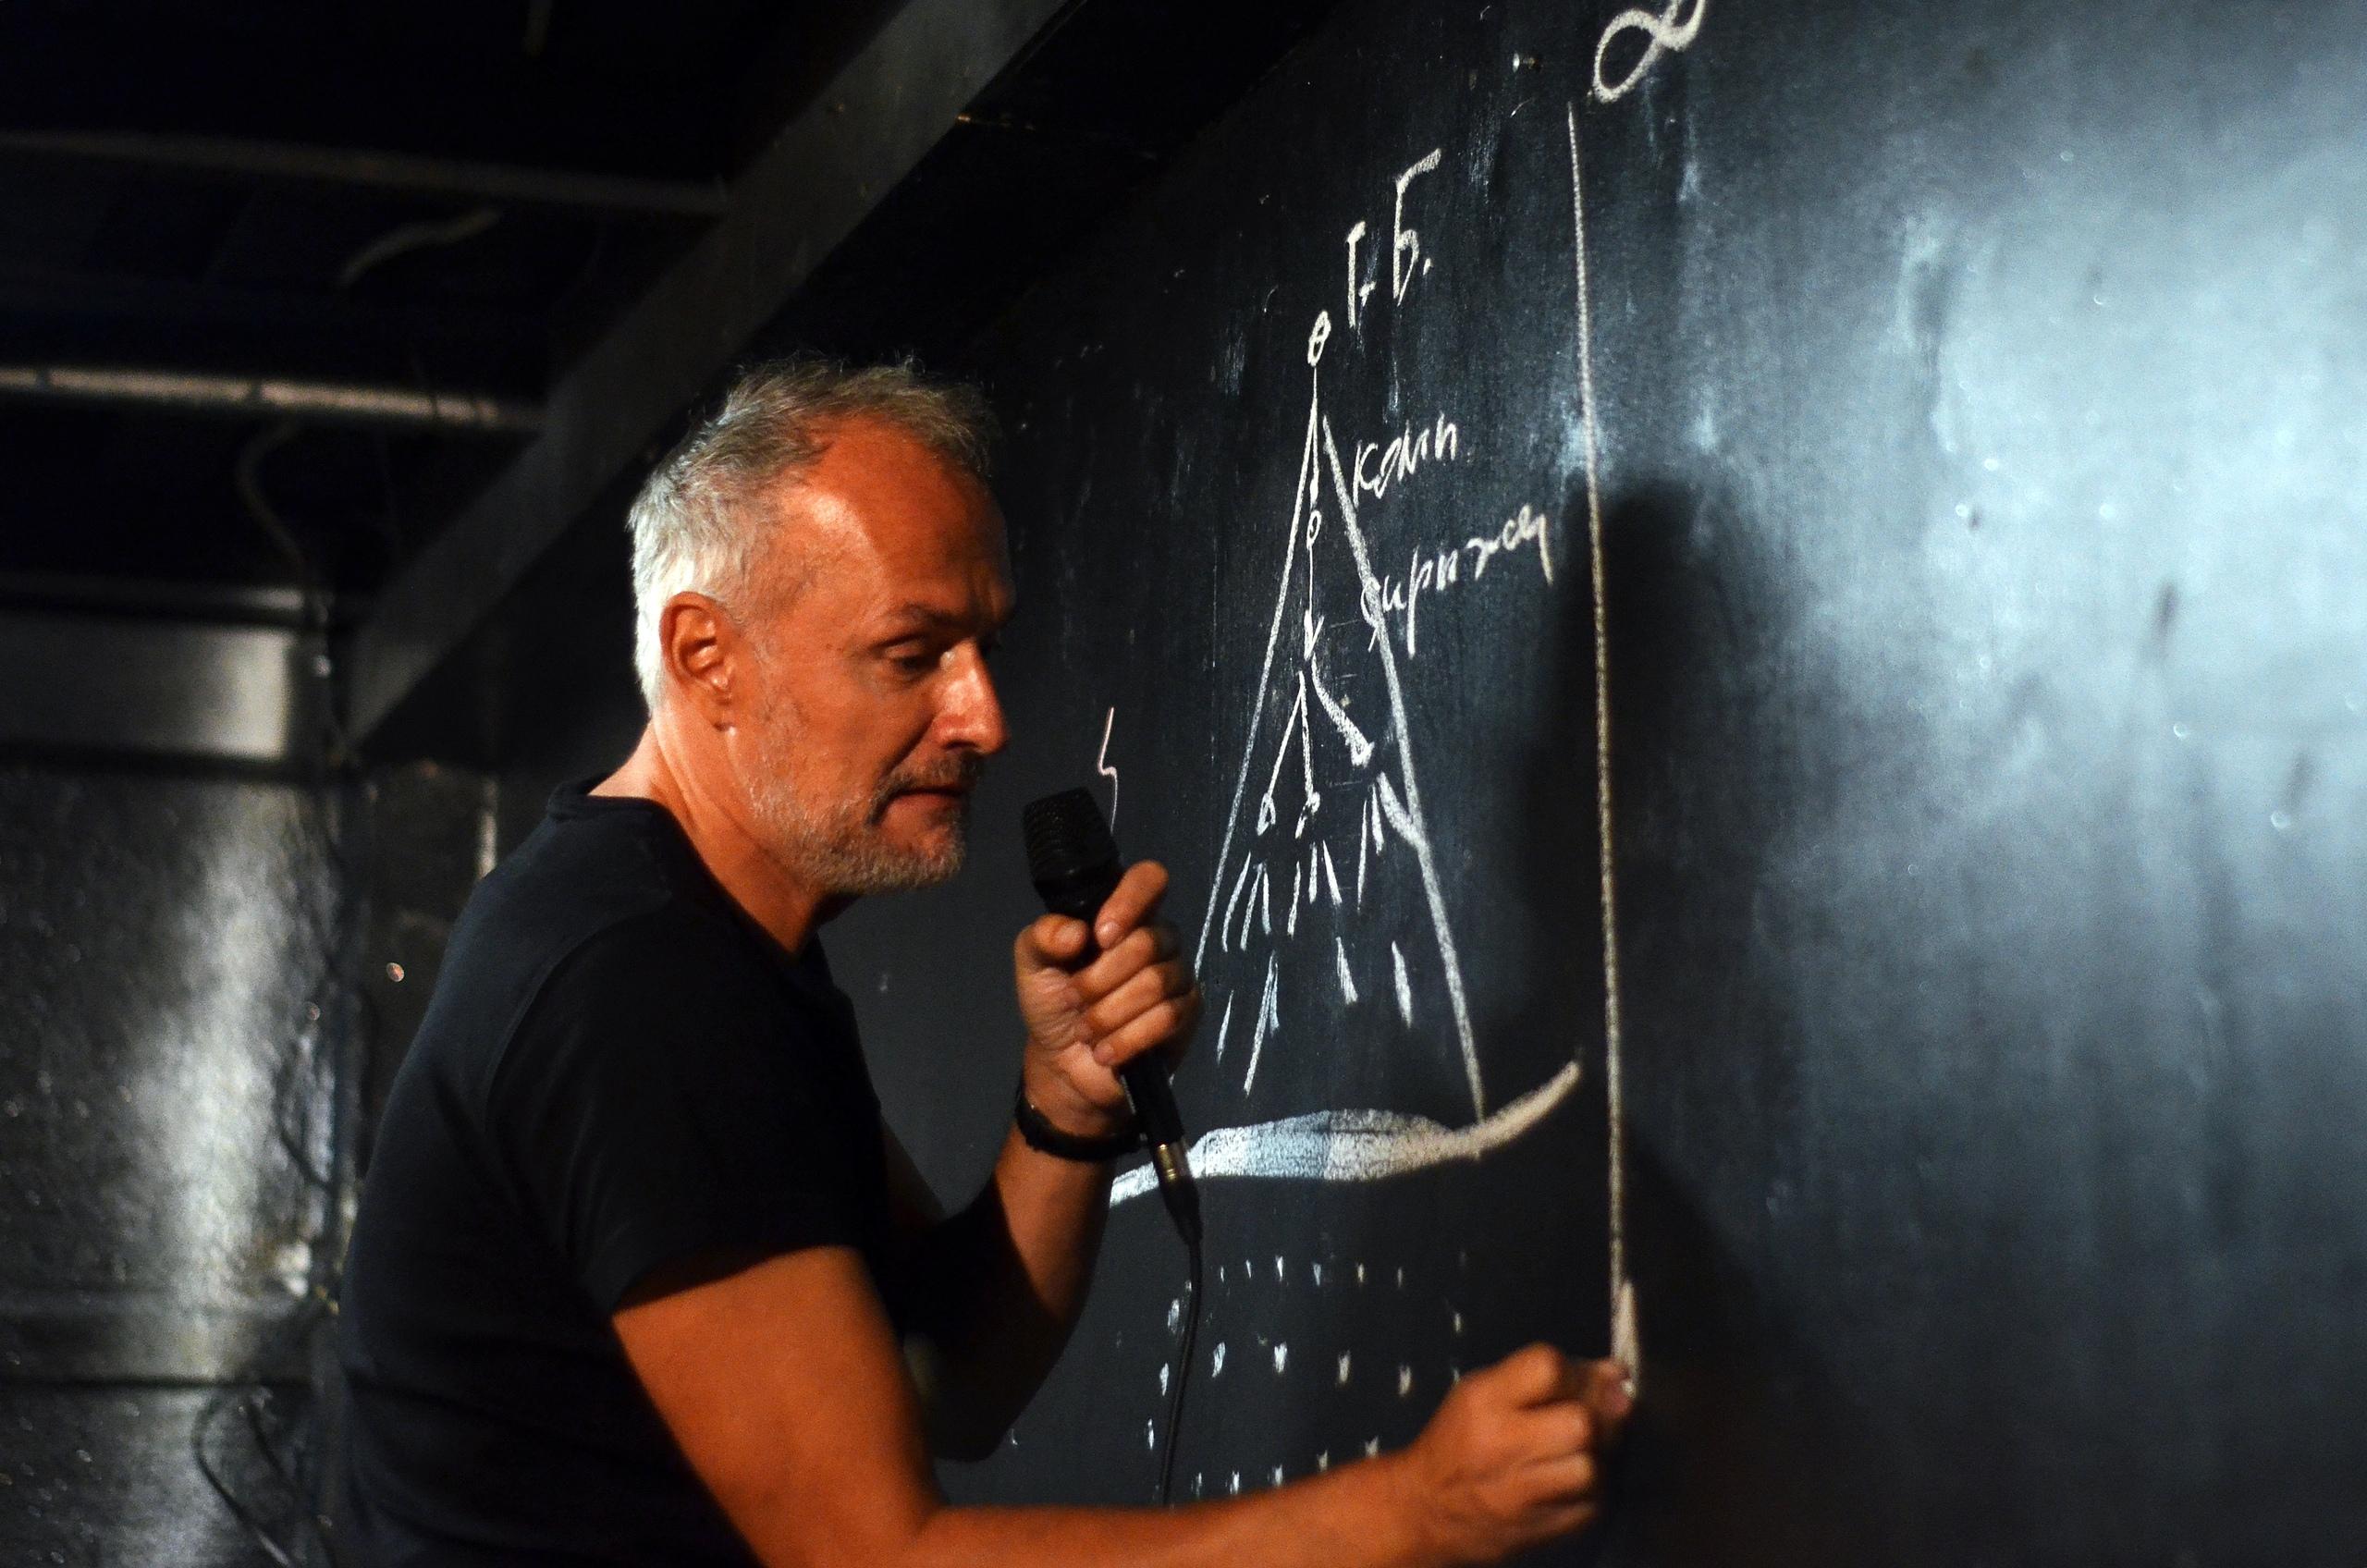 Музыкант Олег Нестеров. Конференция Chords&Words. Фото С. Юдина